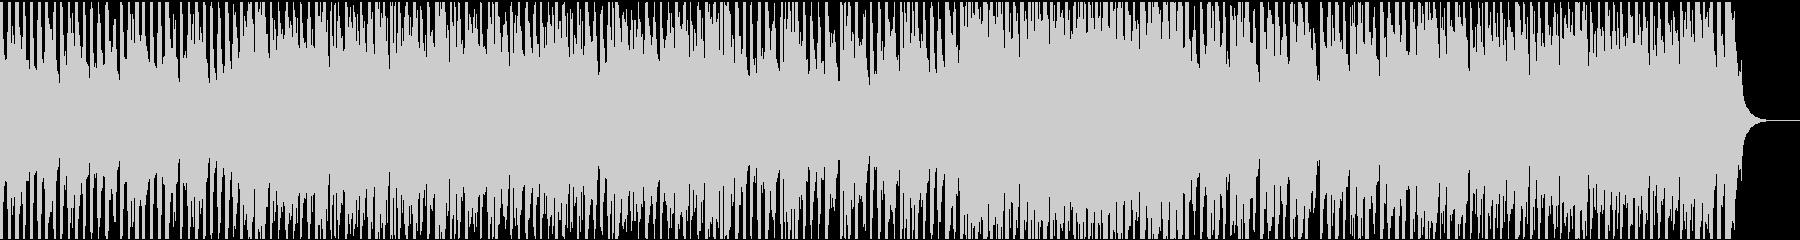 ハープシコード・ハロウィン風の怪しい曲の未再生の波形